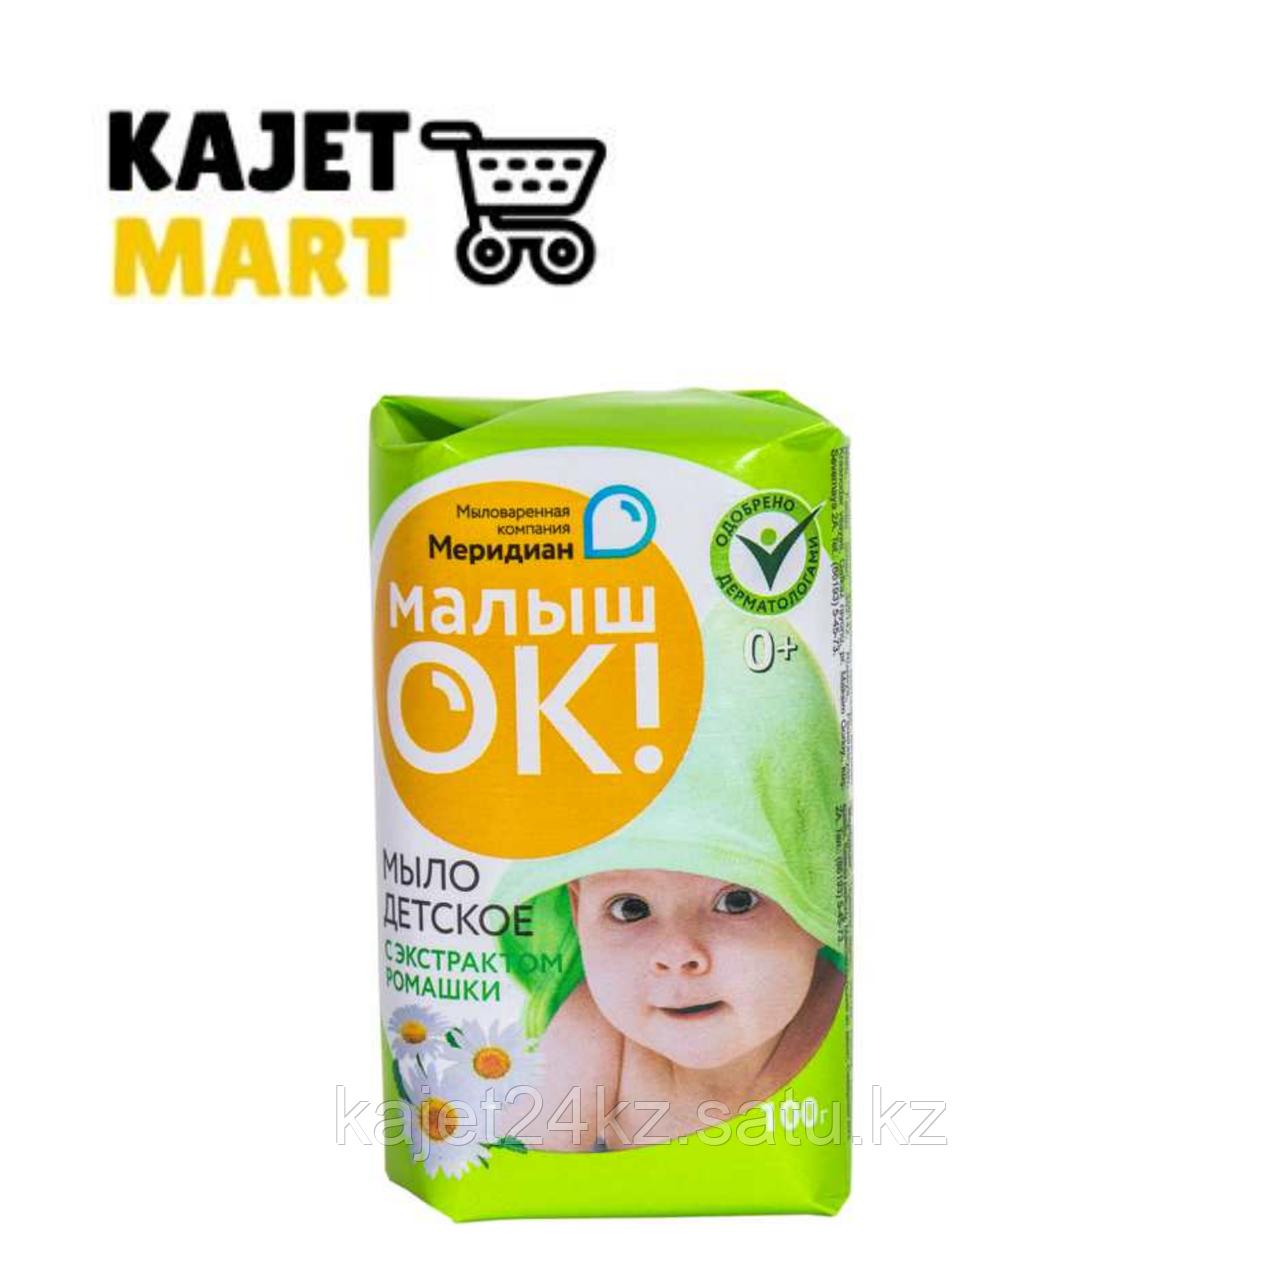 """Мыло туалетное """"МалышОК"""" с экстрактом ромашки 100гр"""